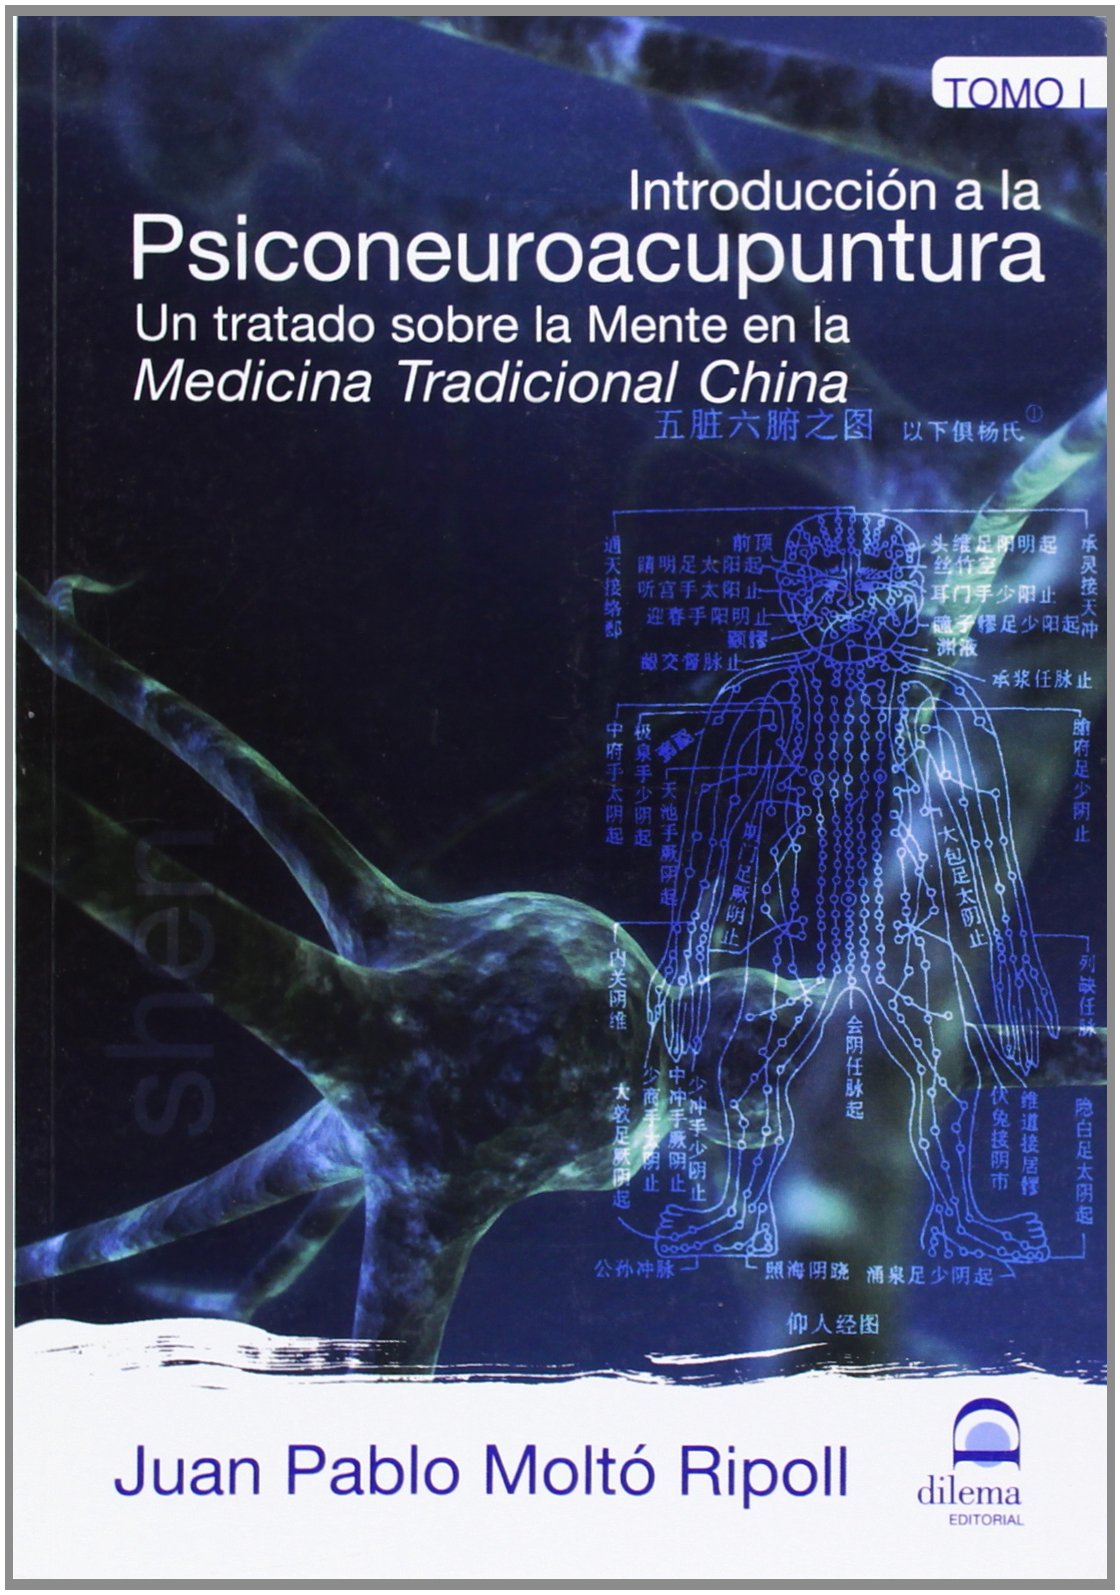 Introducción a la Psiconeuroacupuntura I: Un tratado sobre la Mente en la Medicina Tradicional China (Spanish Edition) pdf